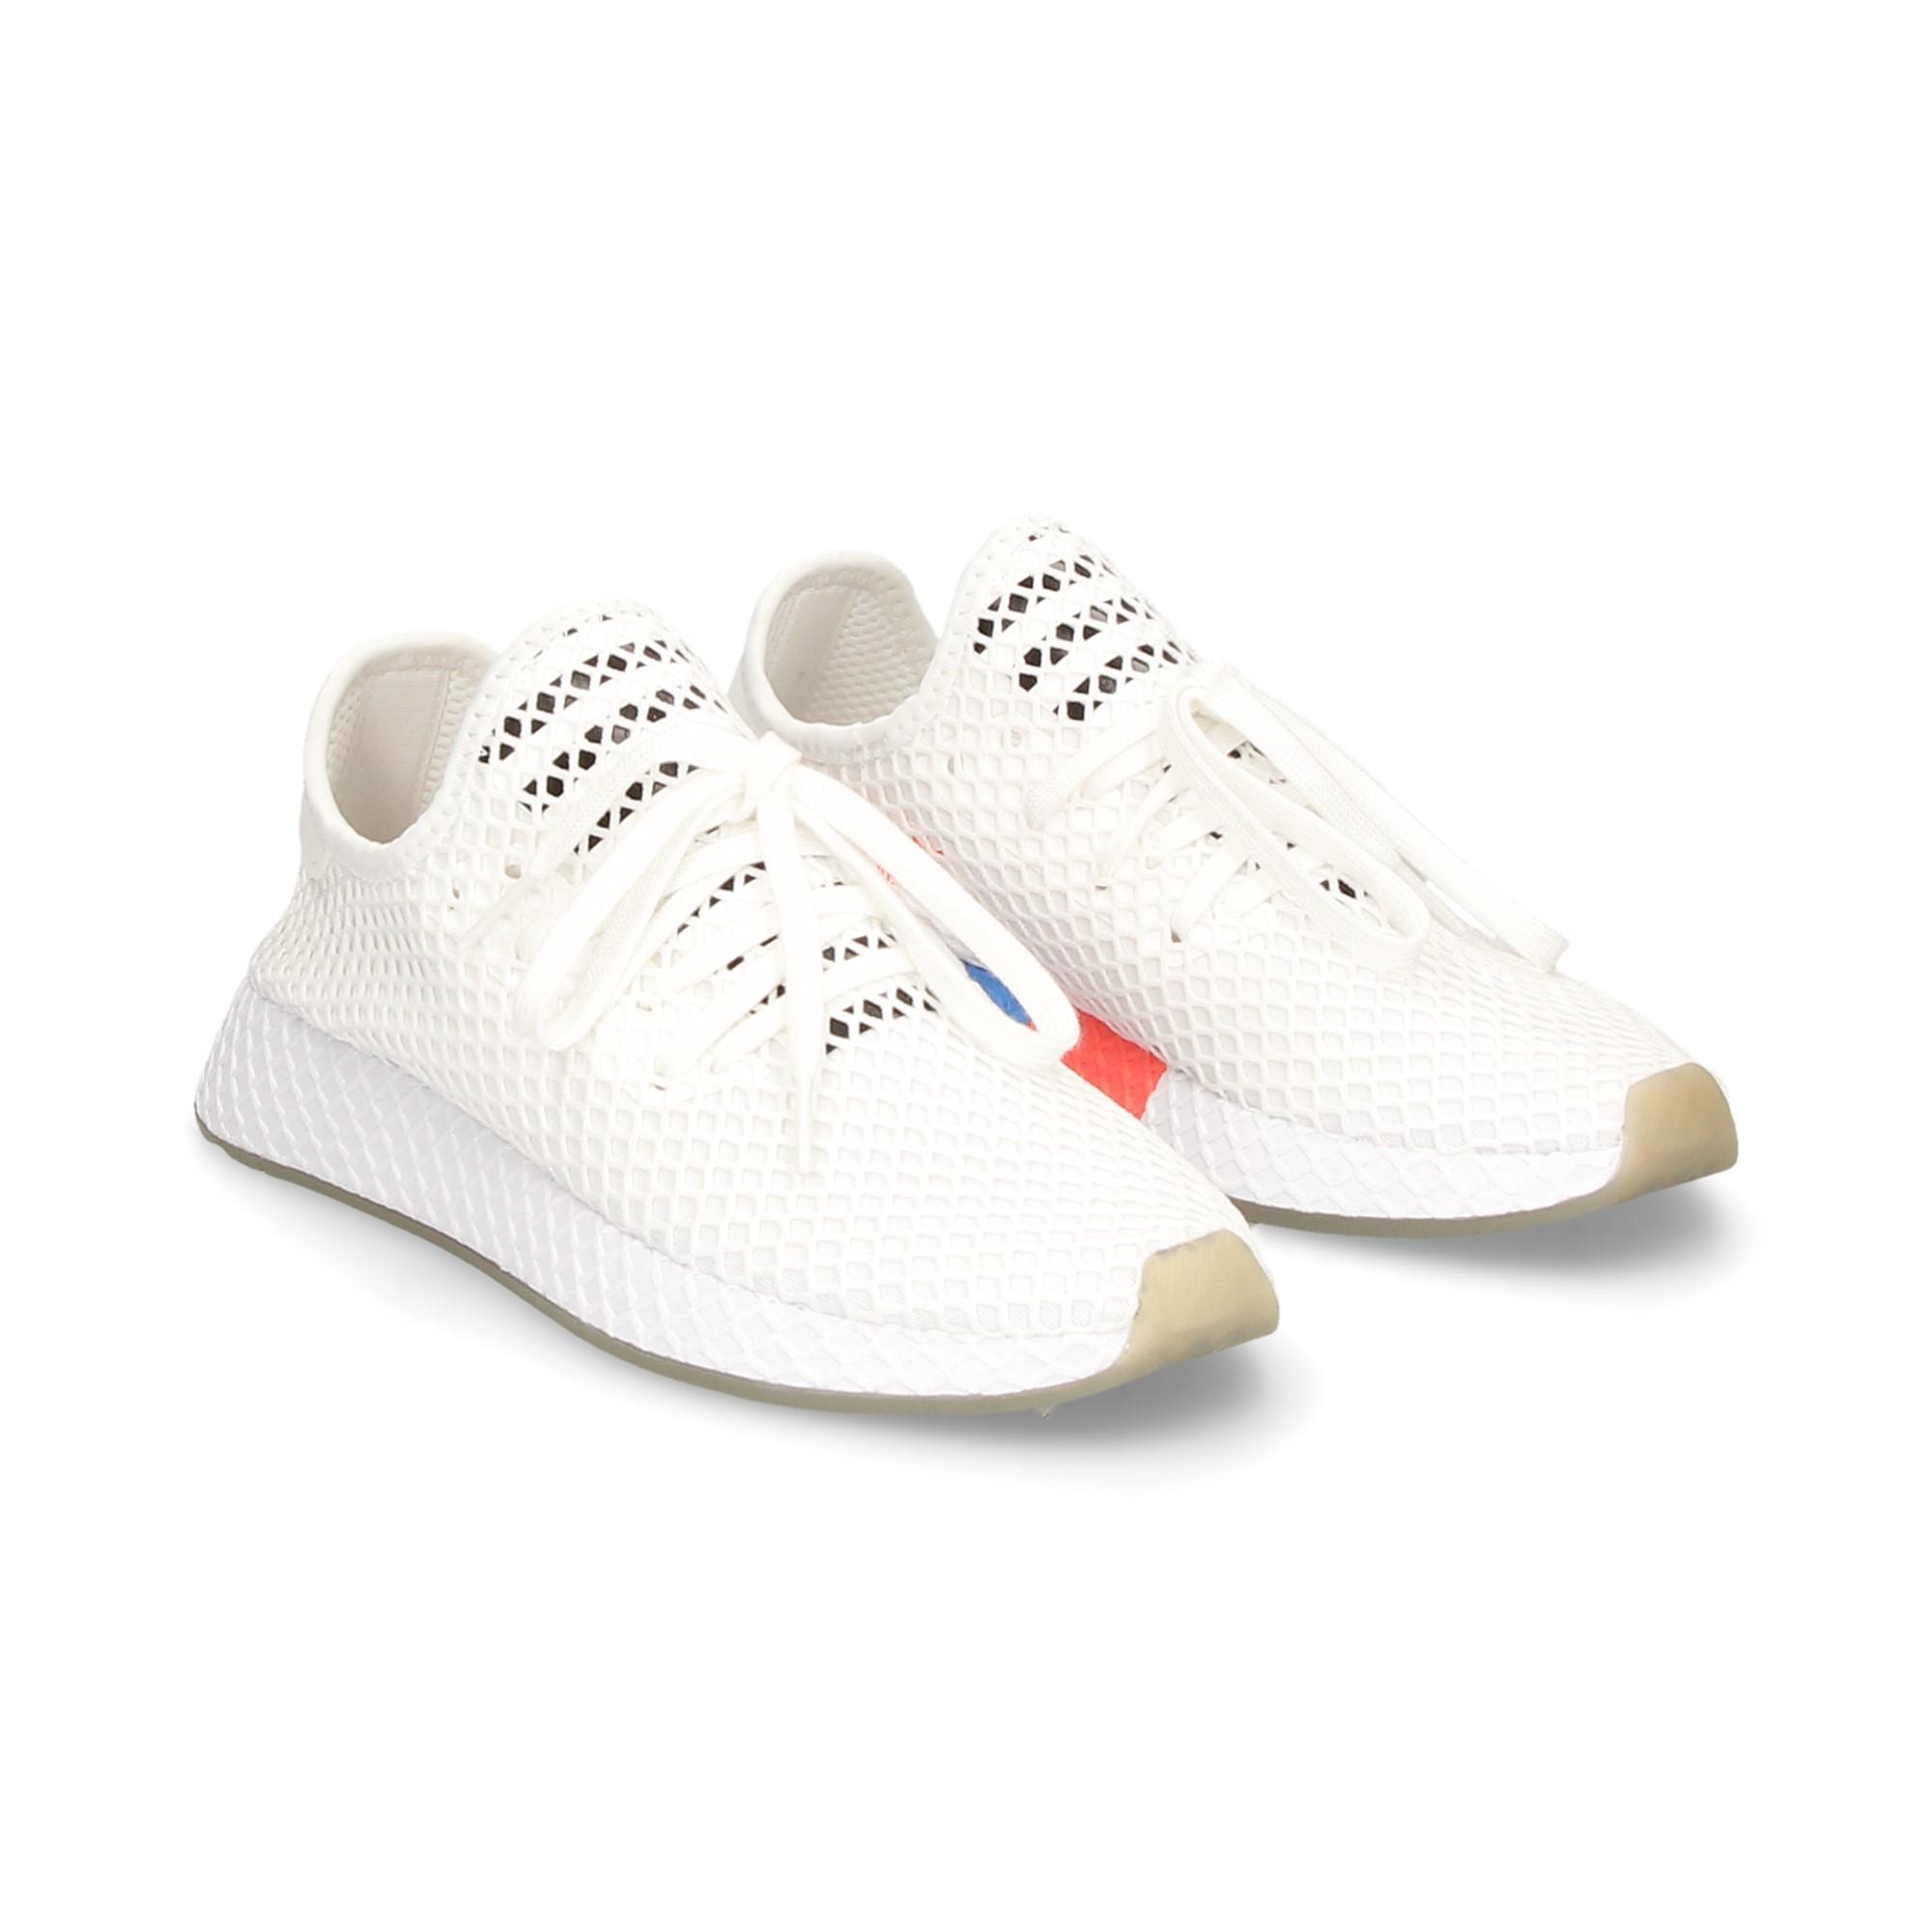 Pagamento Sicuro Scarpe adidas Deerupt Runner azzurre da